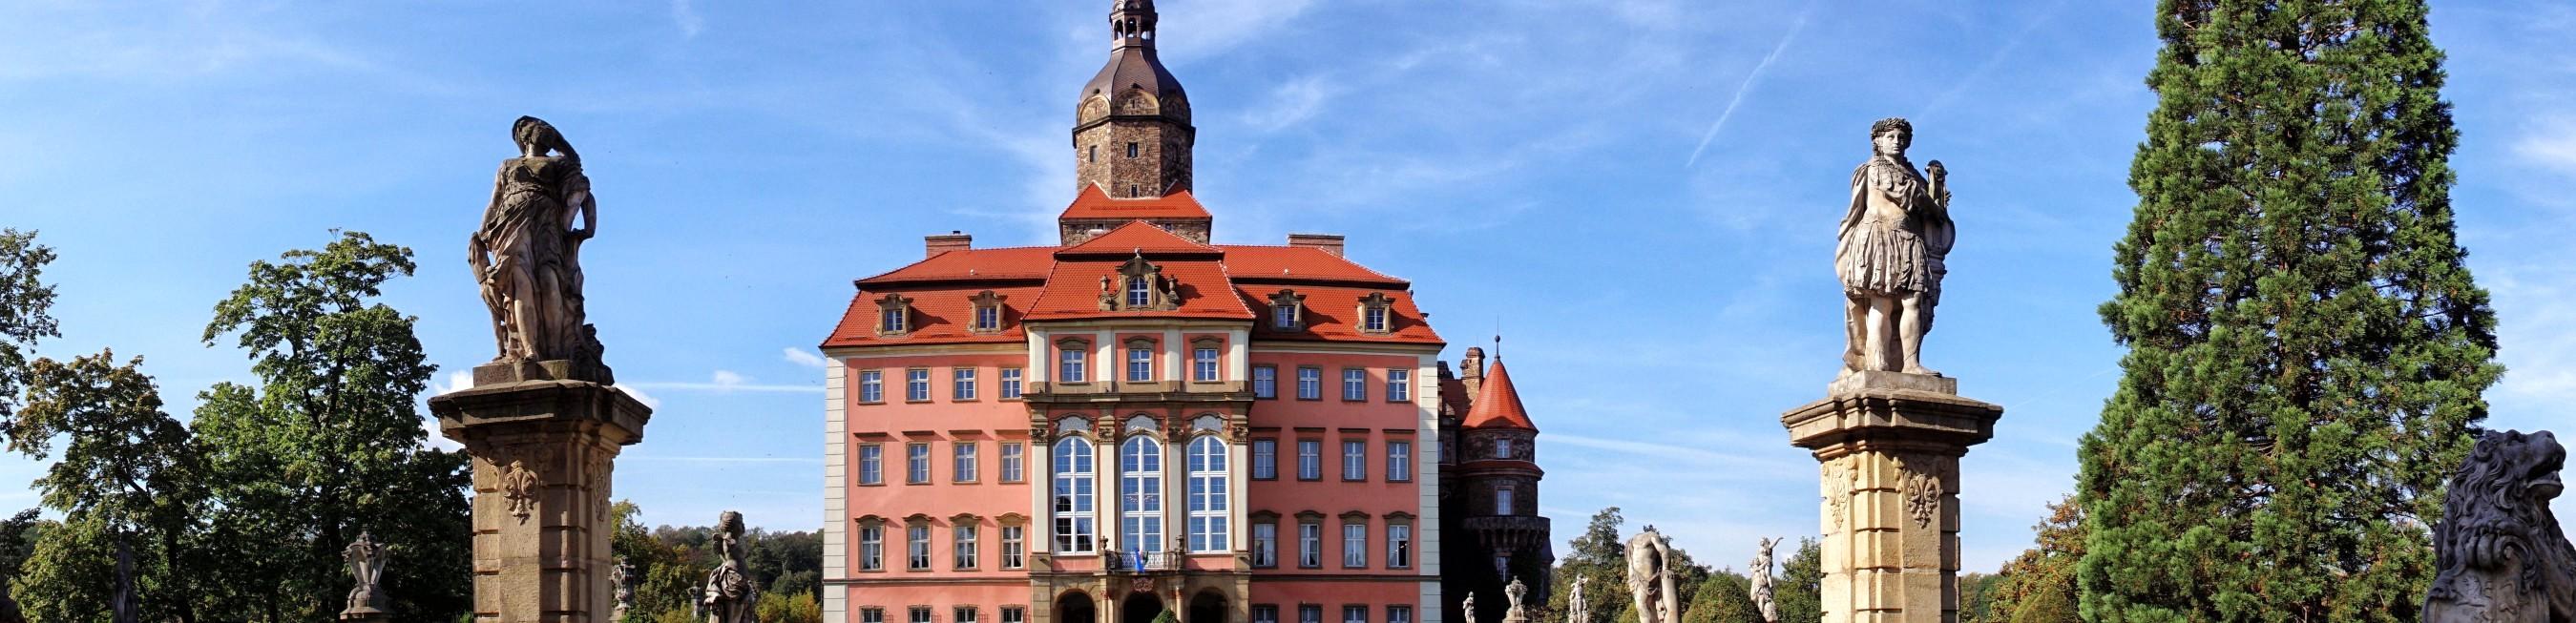 Zamek Książ w panoramie z dziedzińca głównego